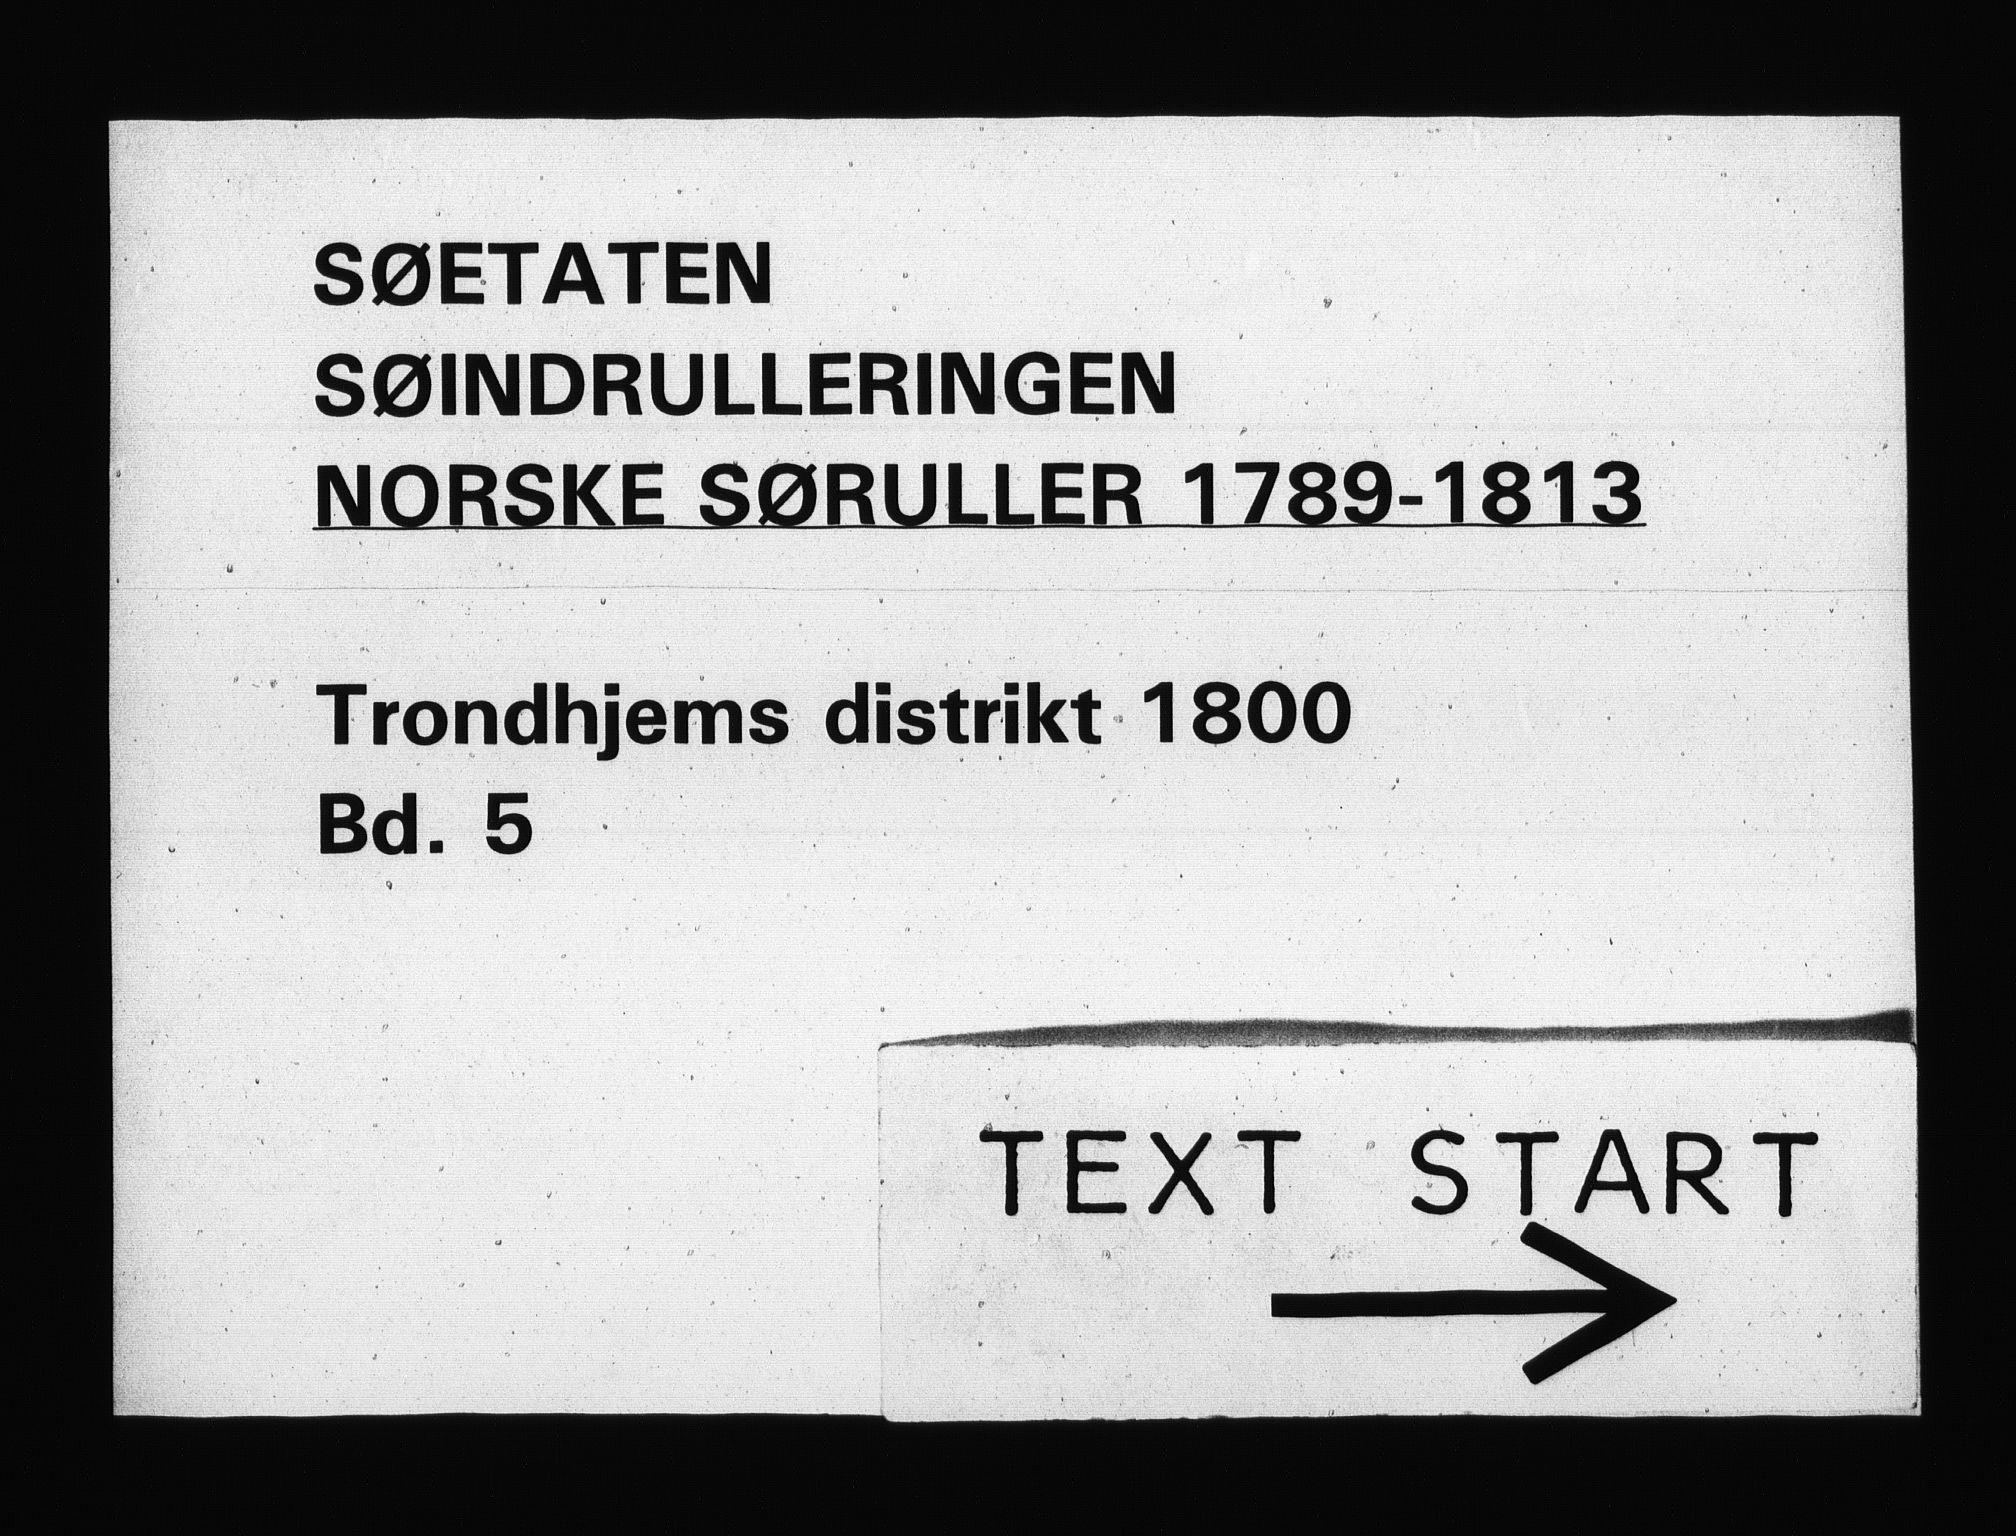 RA, Sjøetaten, F/L0322: Trondheim distrikt, bind 5, 1800